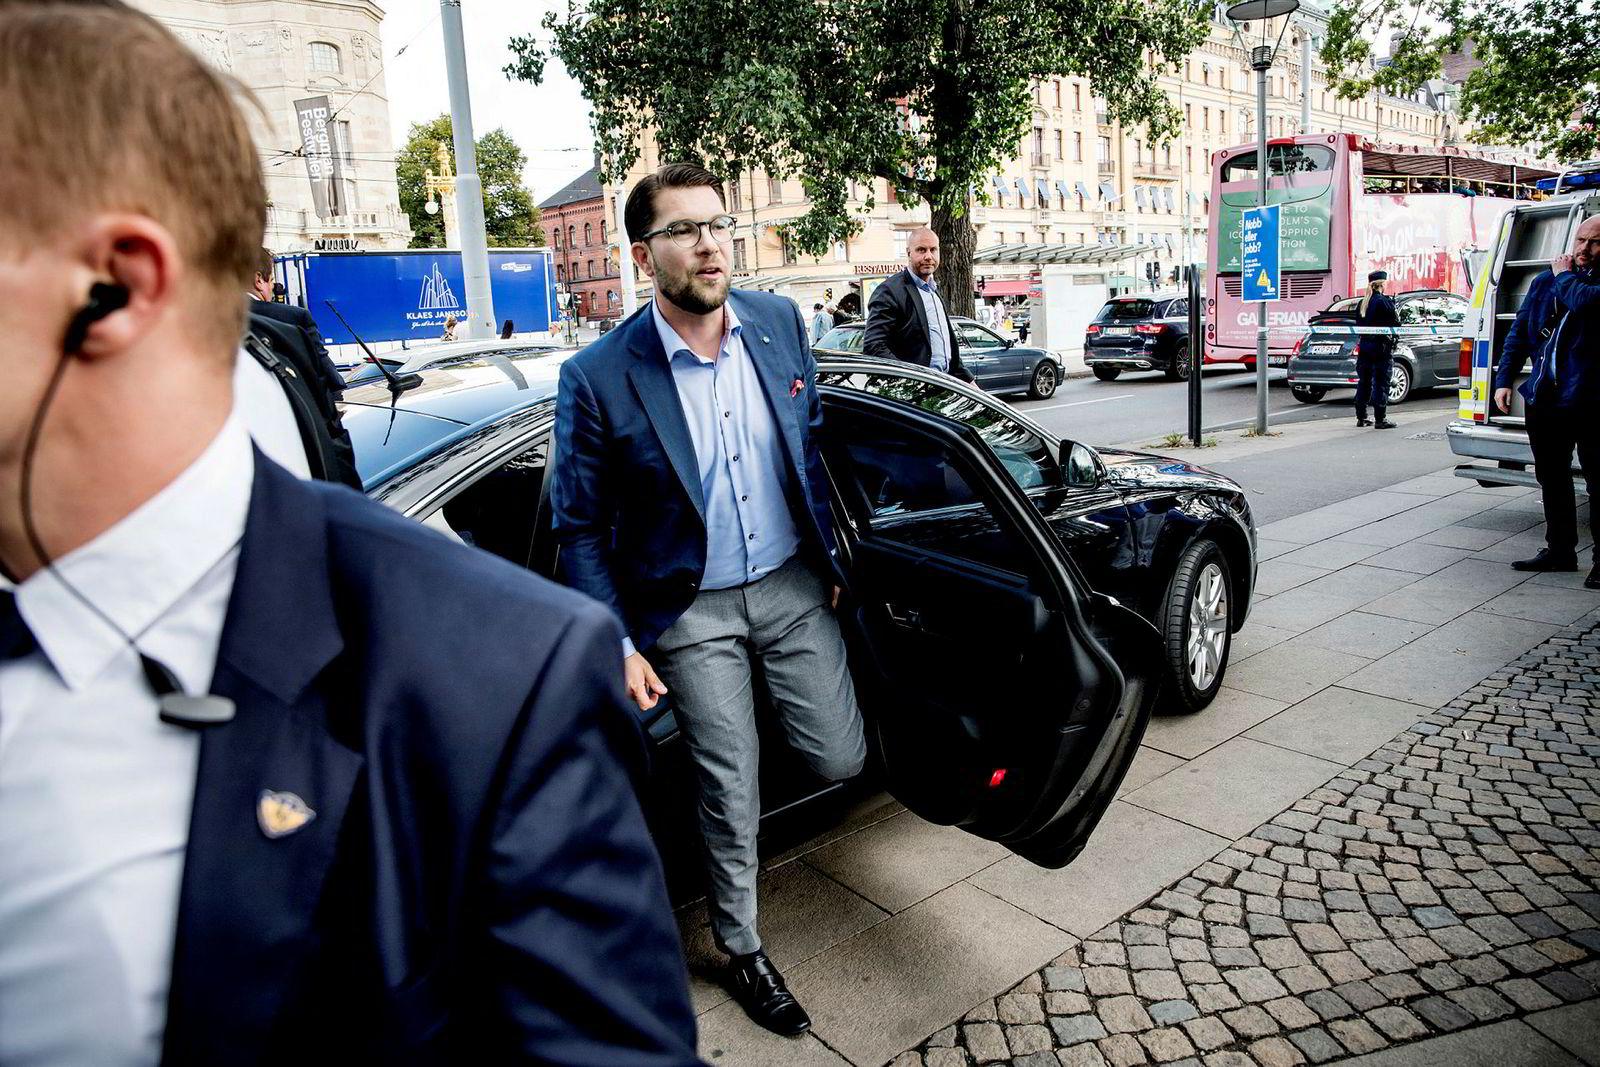 Jimmie Åkesson, partileder i Sverigedemokraterna, deltok på et valgmøte i Stockholm onsdag. Foto: Gorm K. Gaare